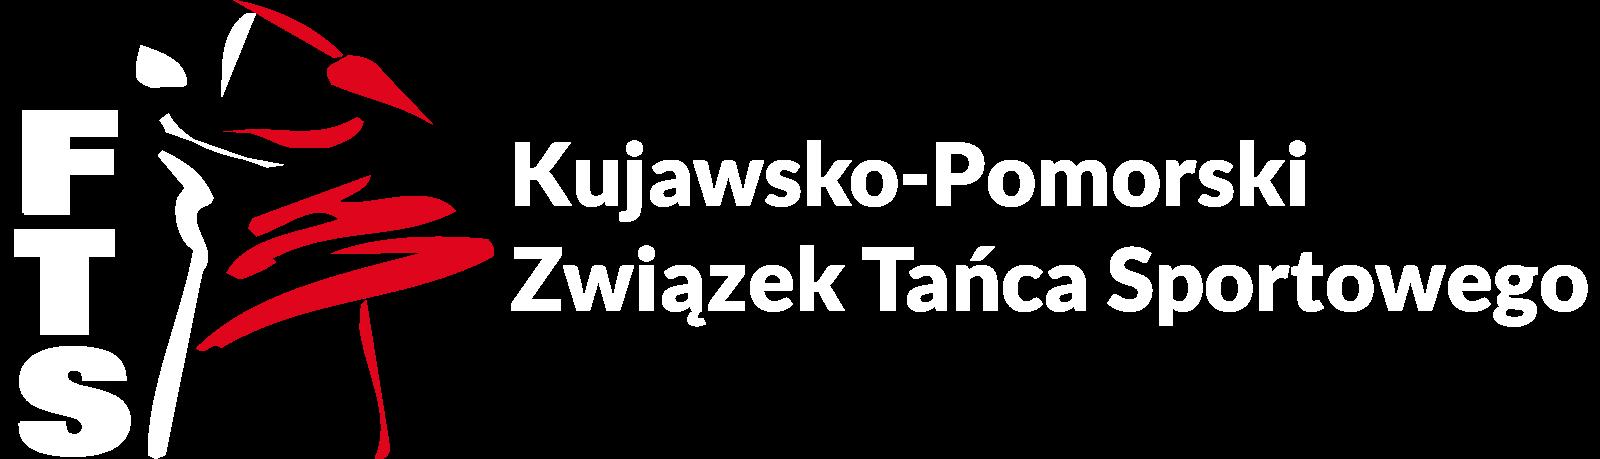 Kujawsko-Pomorski Związek Tańca Sportowego